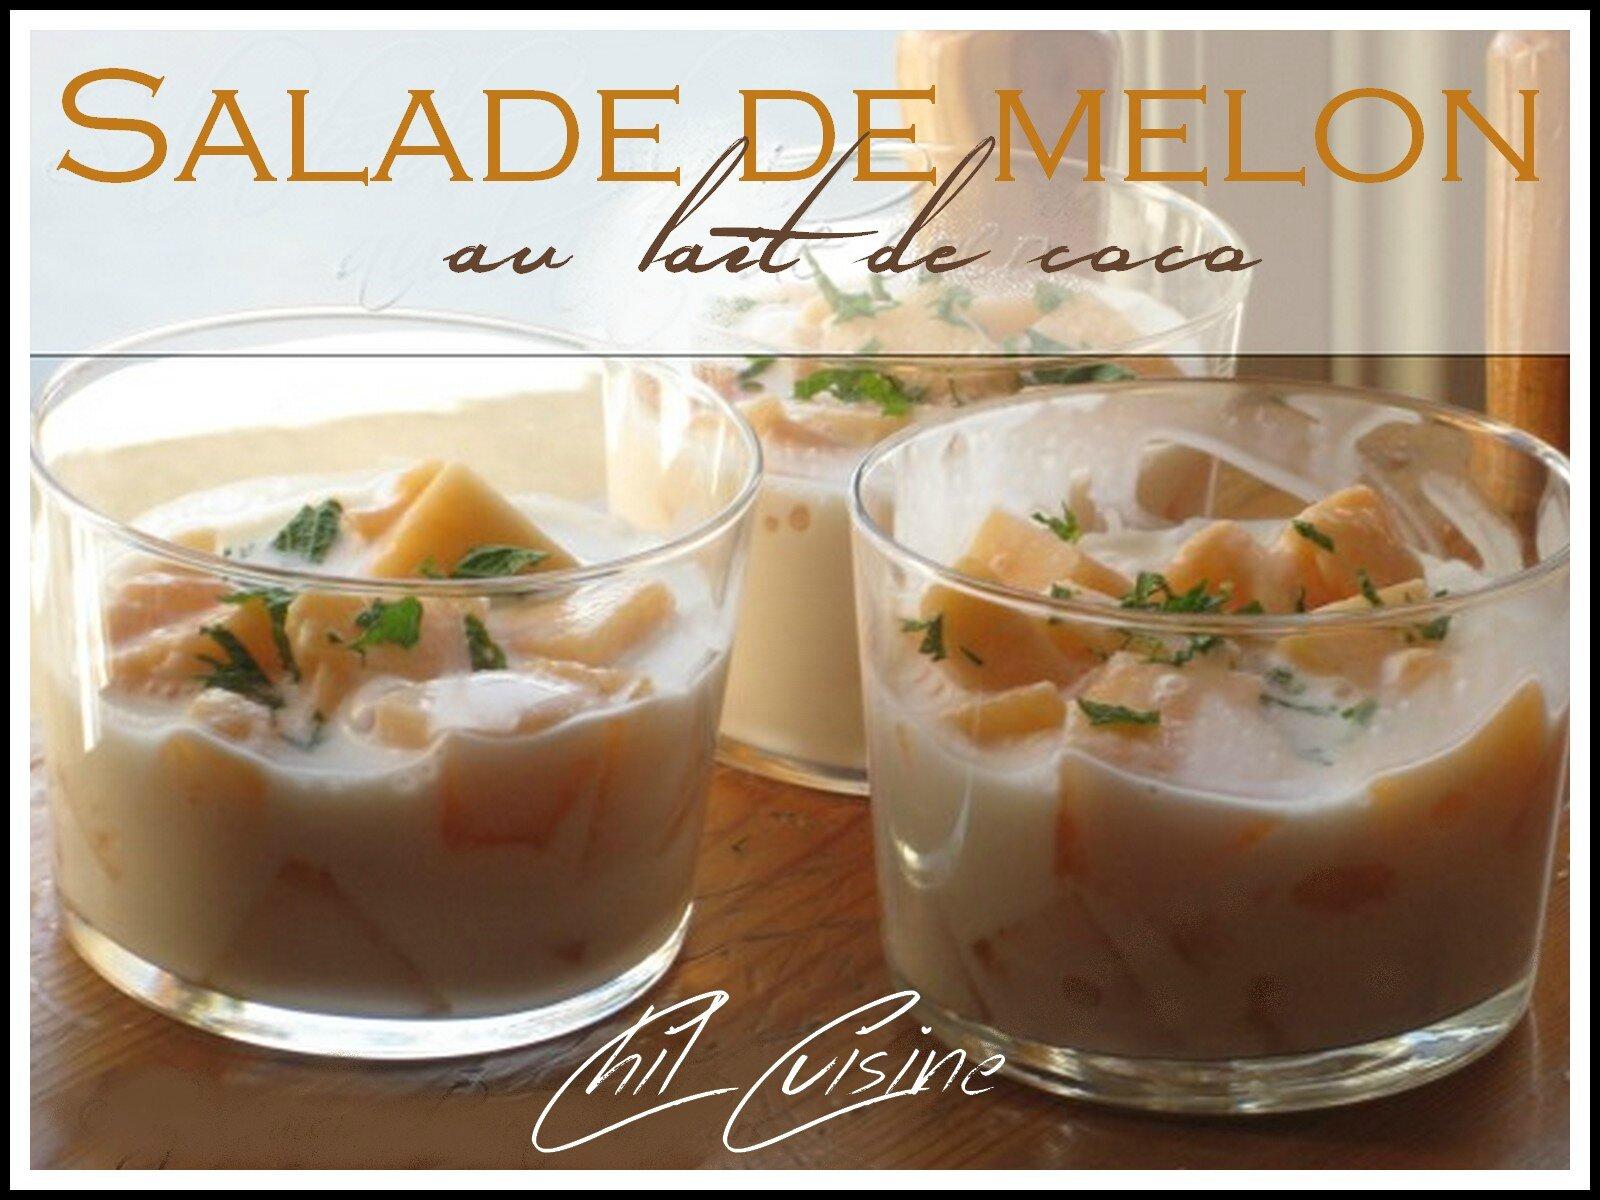 Salade de melon au lait de coco